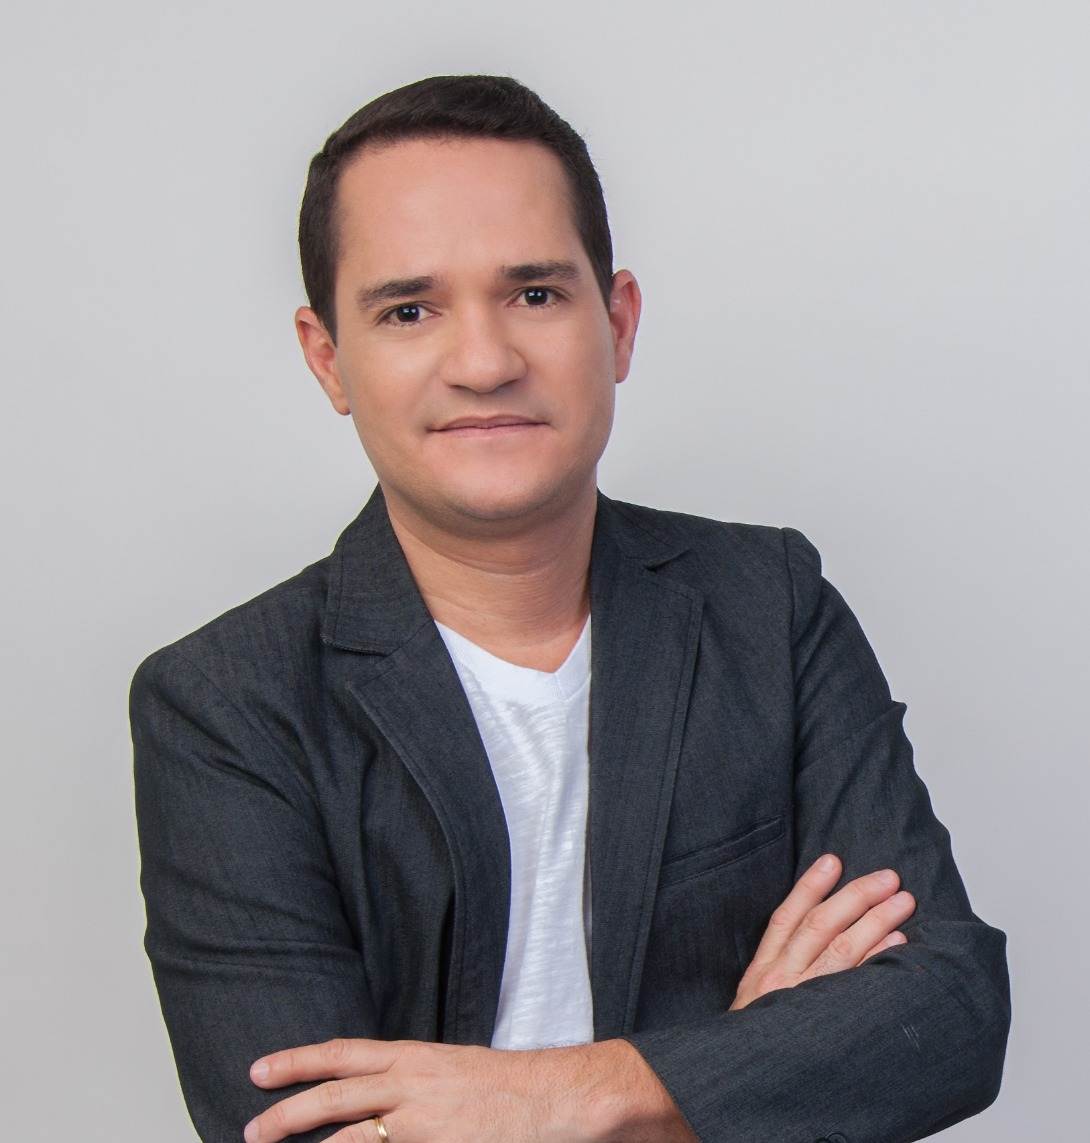 Membro do conselho: Cezar Almeida